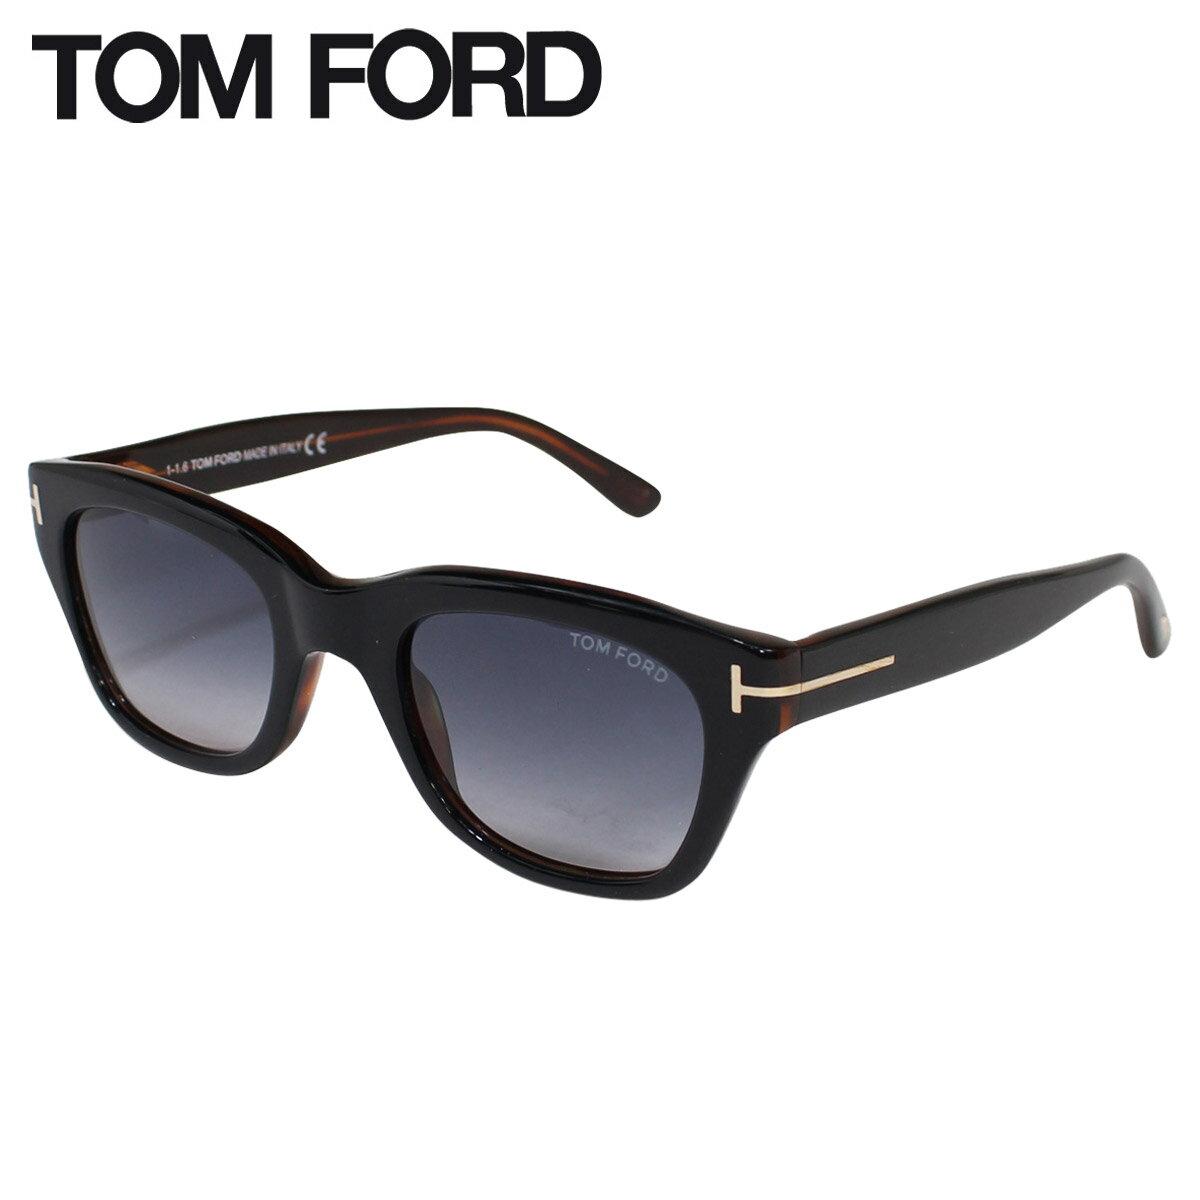 TOM FORD SNOWDON SUNGLASSES サングラス メンズ レディース トムフォード アイウェア FT0237 イタリア製 [184] 【決算セール】